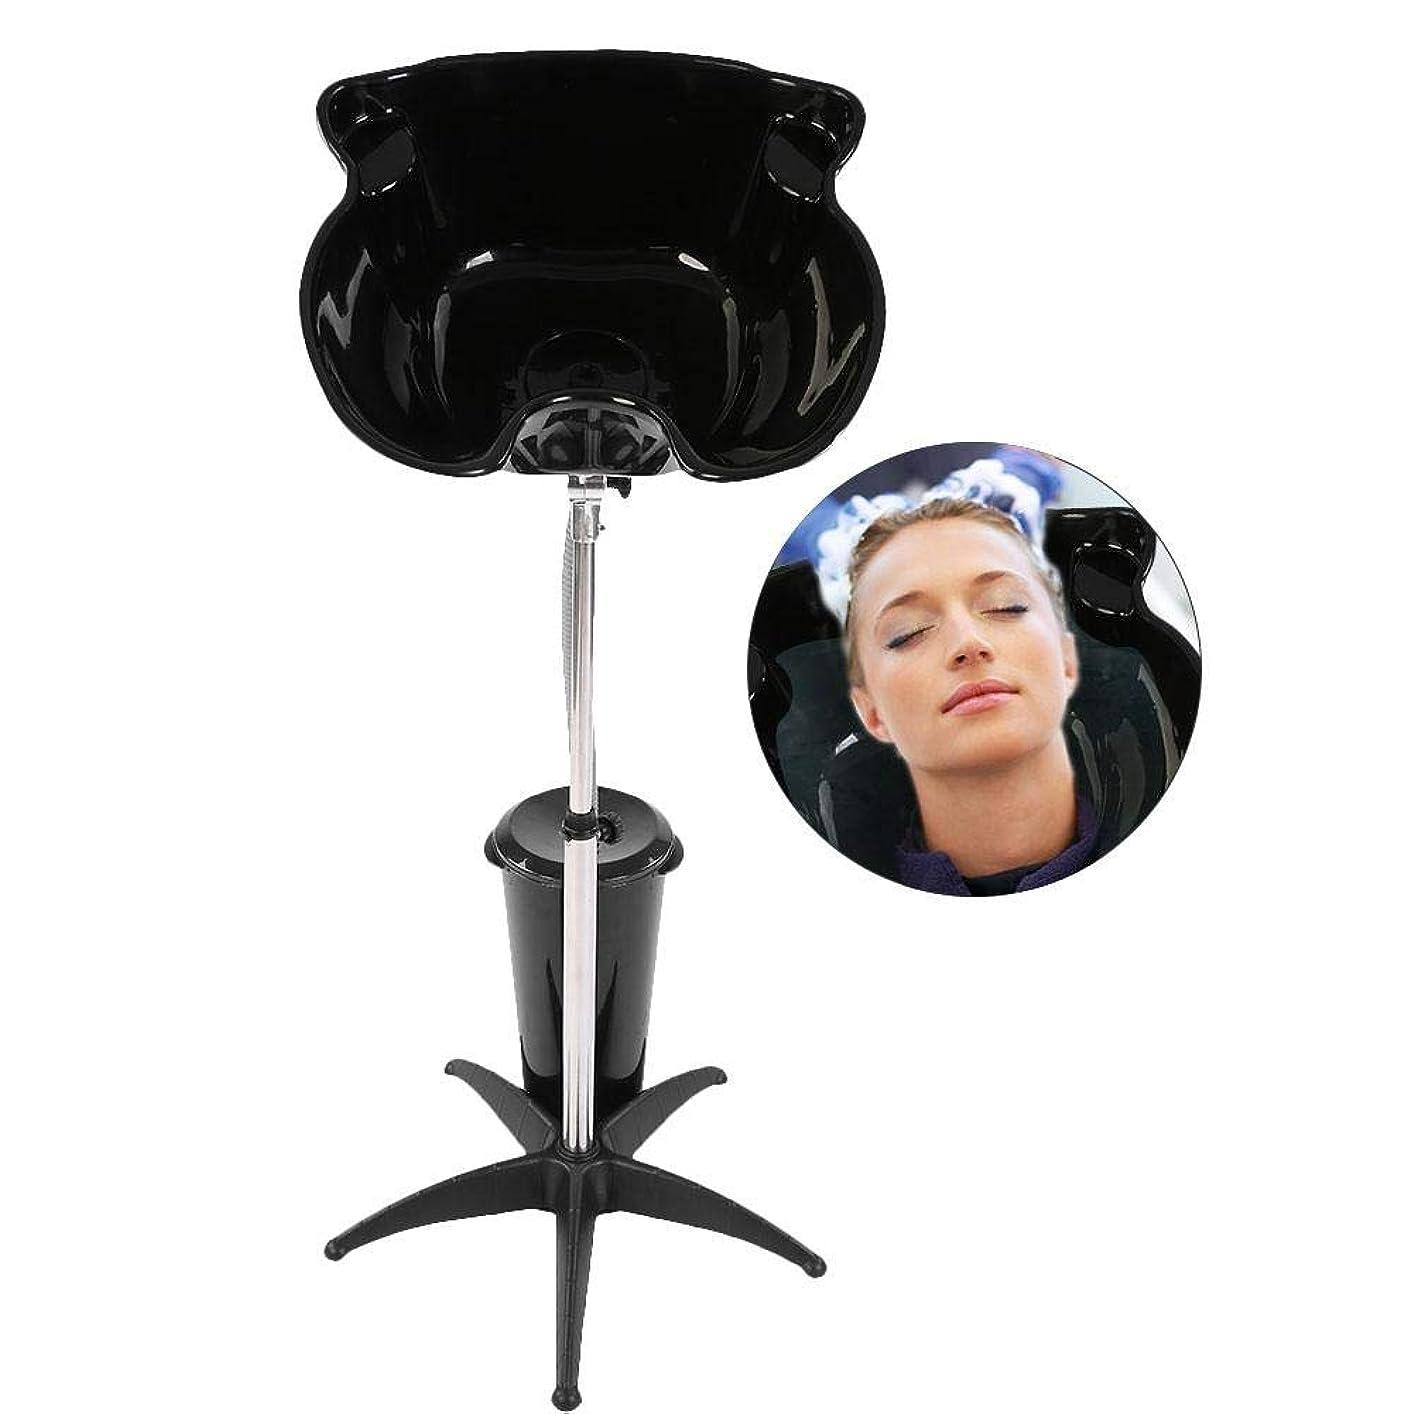 軽減蓋満了水切り付き洗面器、高さ調節可能ステンレススチール理髪店のシンク